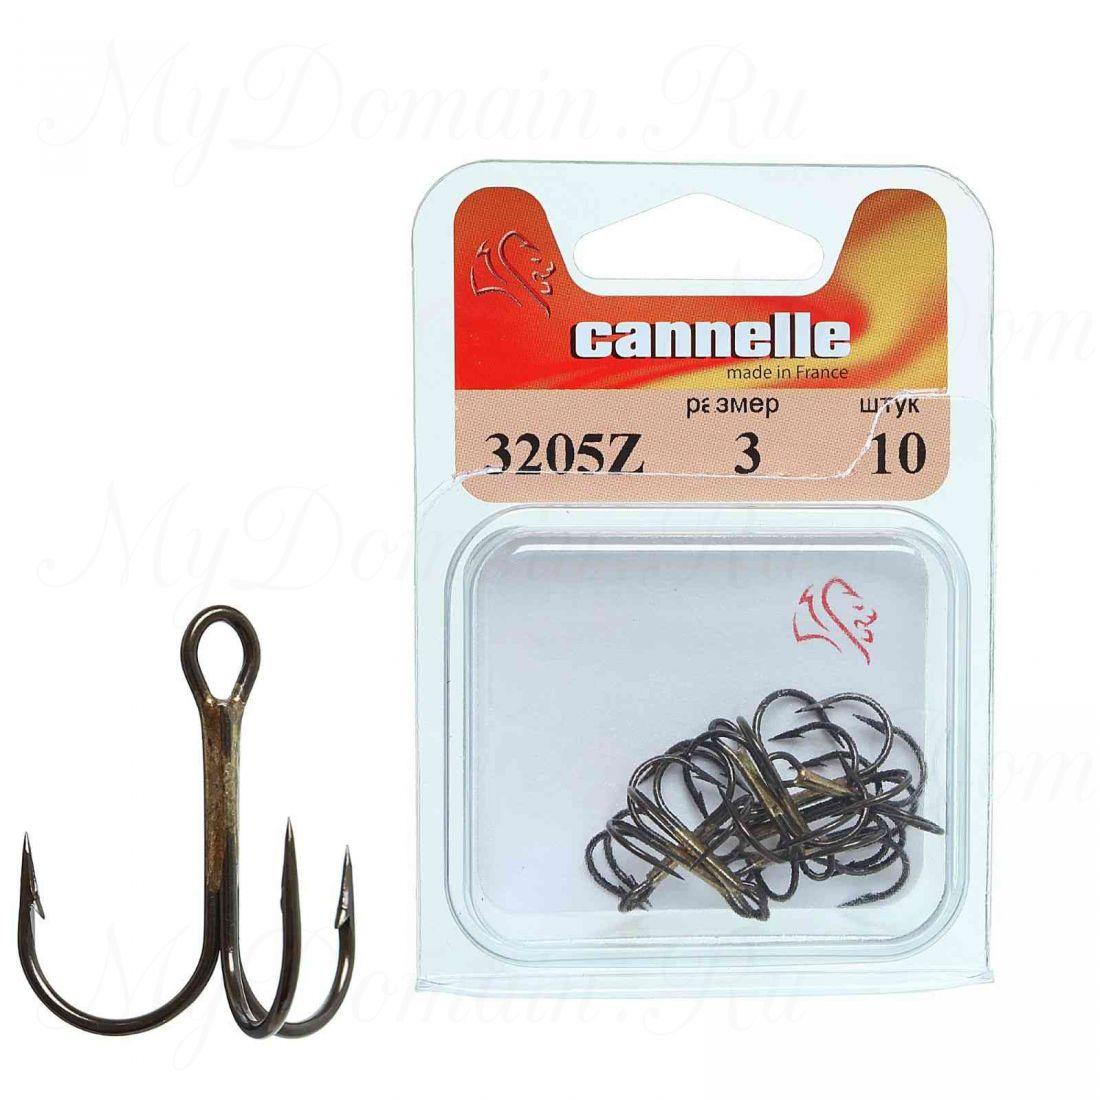 Тройник Cannelle 3205 N № 12 уп. 100 шт. (никель,круглый поддев,стандартный тройник,средняя проволока)